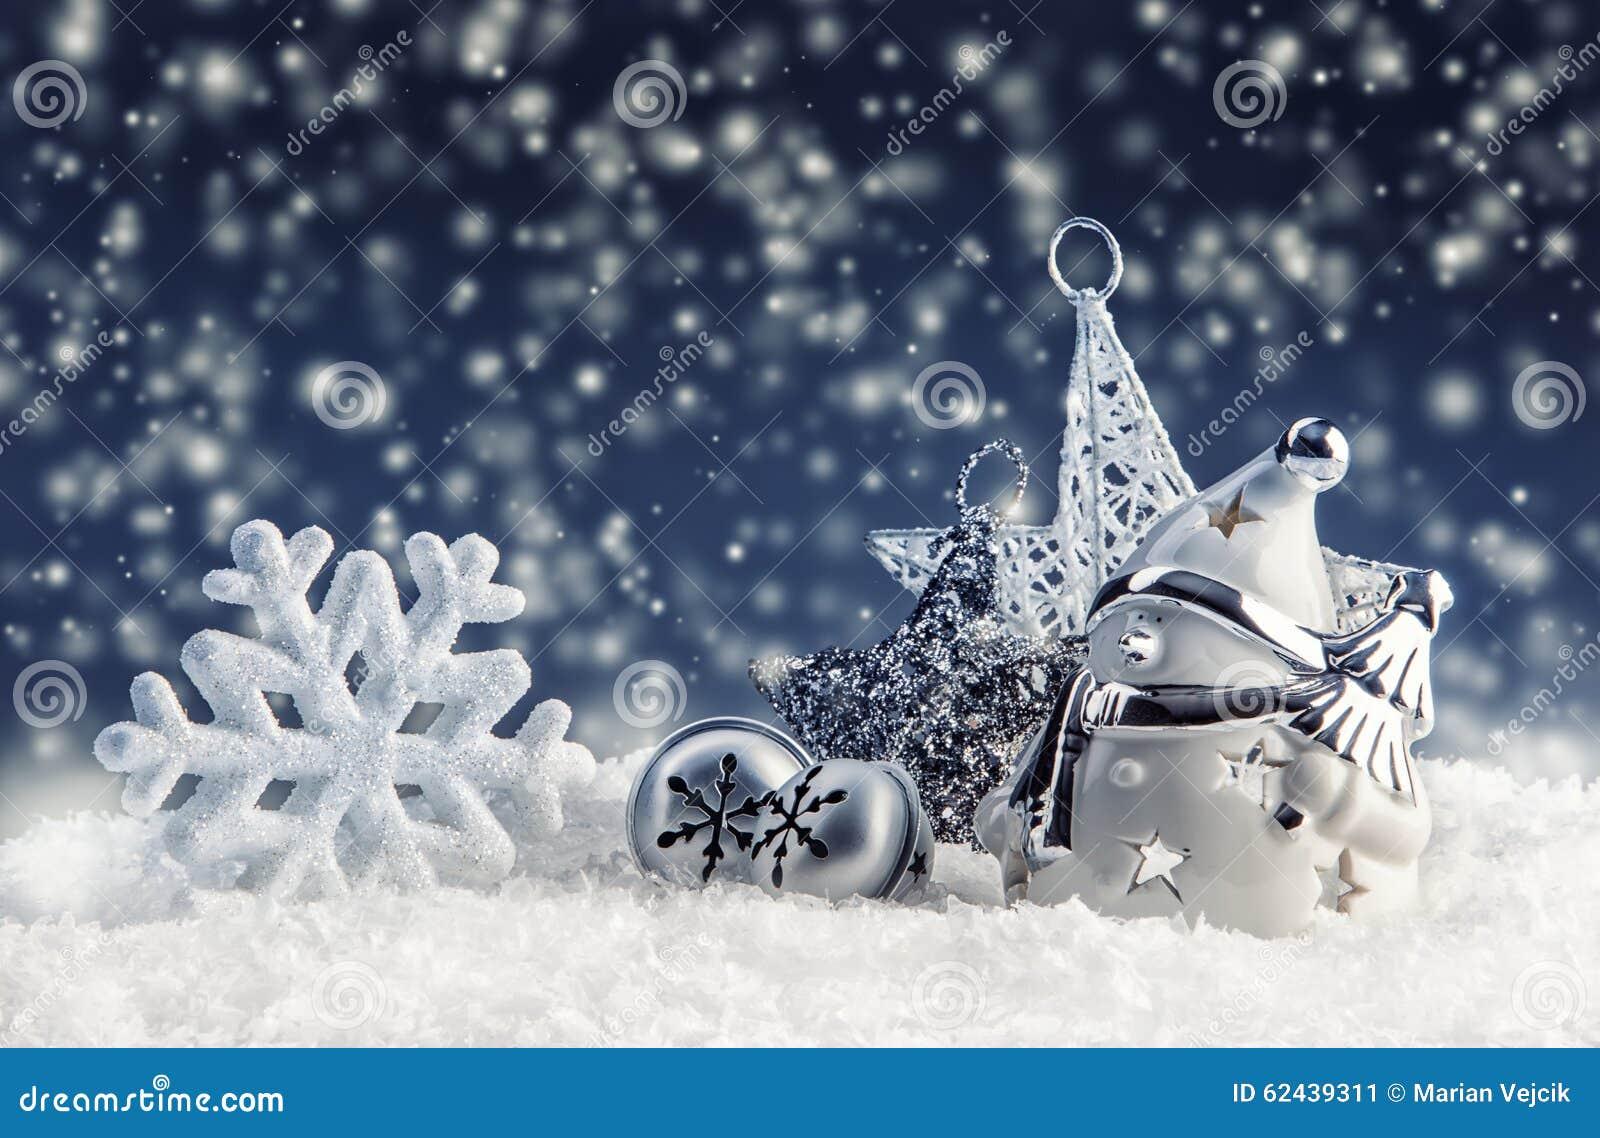 Snögubbe med julgarnering och prydnader - snöflingor för stjärna för klirrklockor i snöig atmosfär